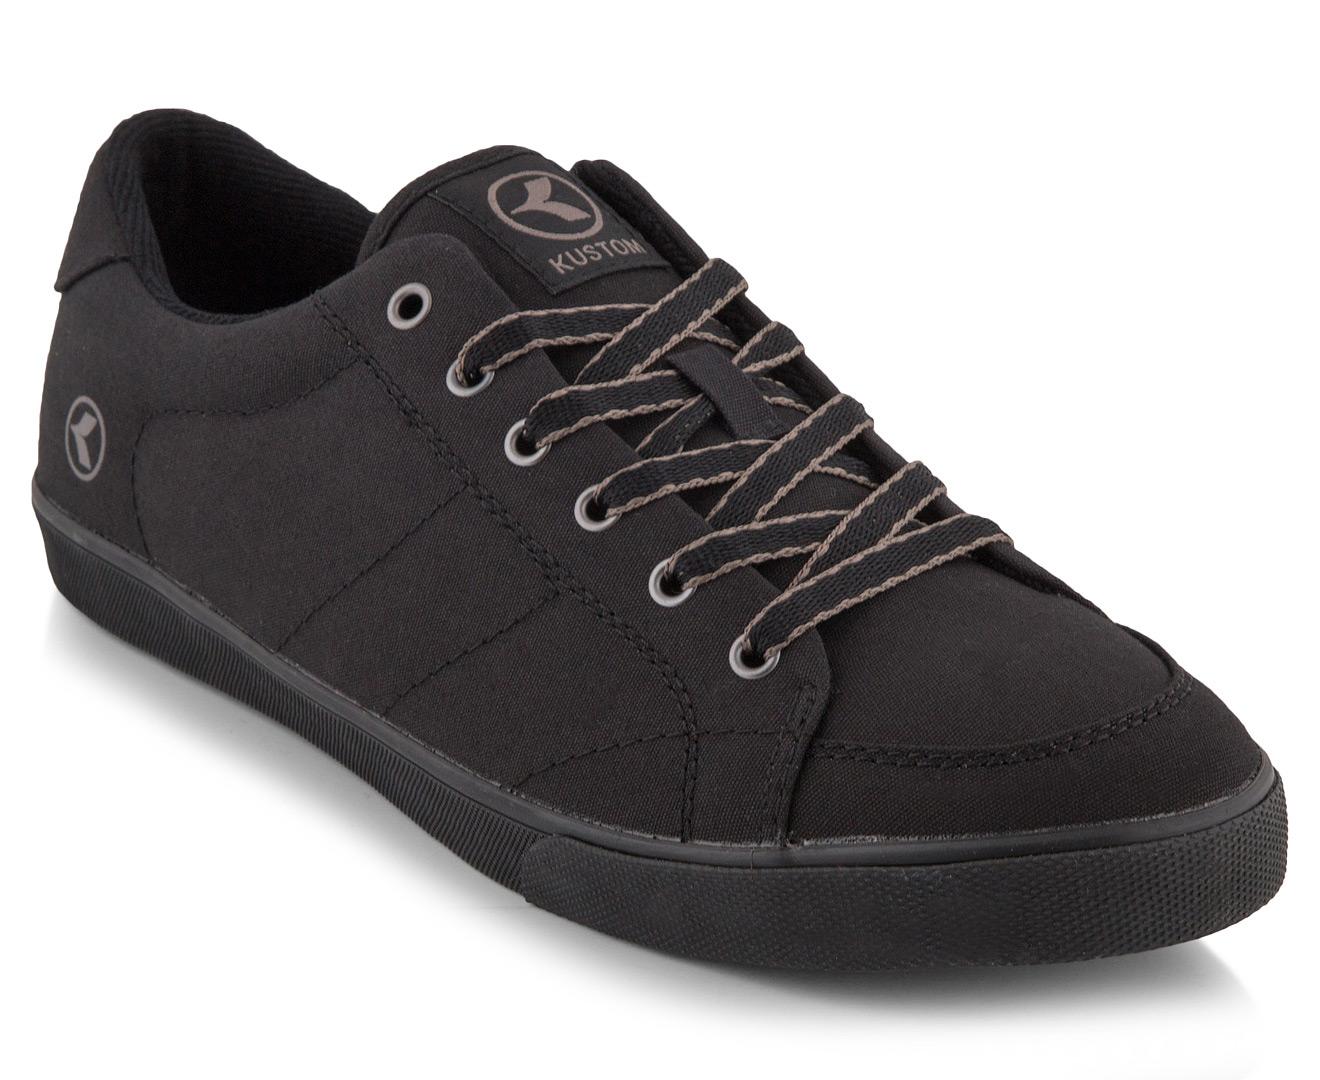 Kramer Casual Shoes Black